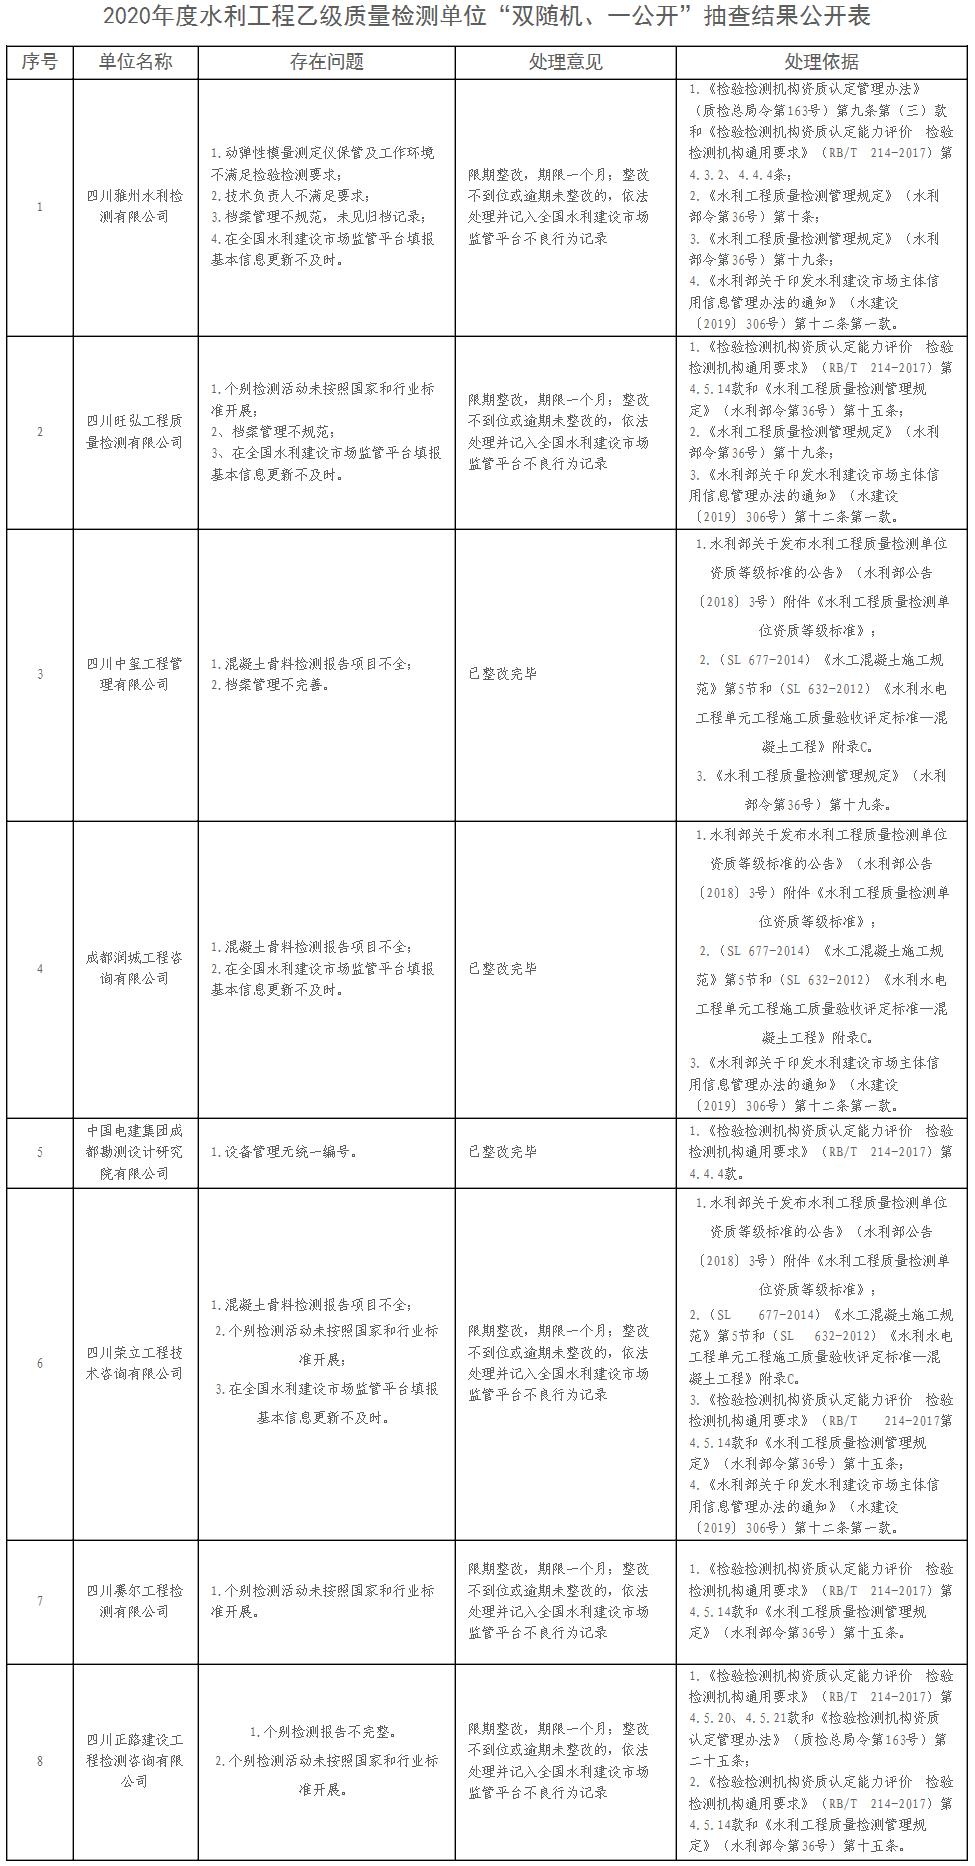 """四川省水利厅关于2020年度水利工程乙级质量检测单位""""双随机、一公开""""抽查结果公开的通告"""